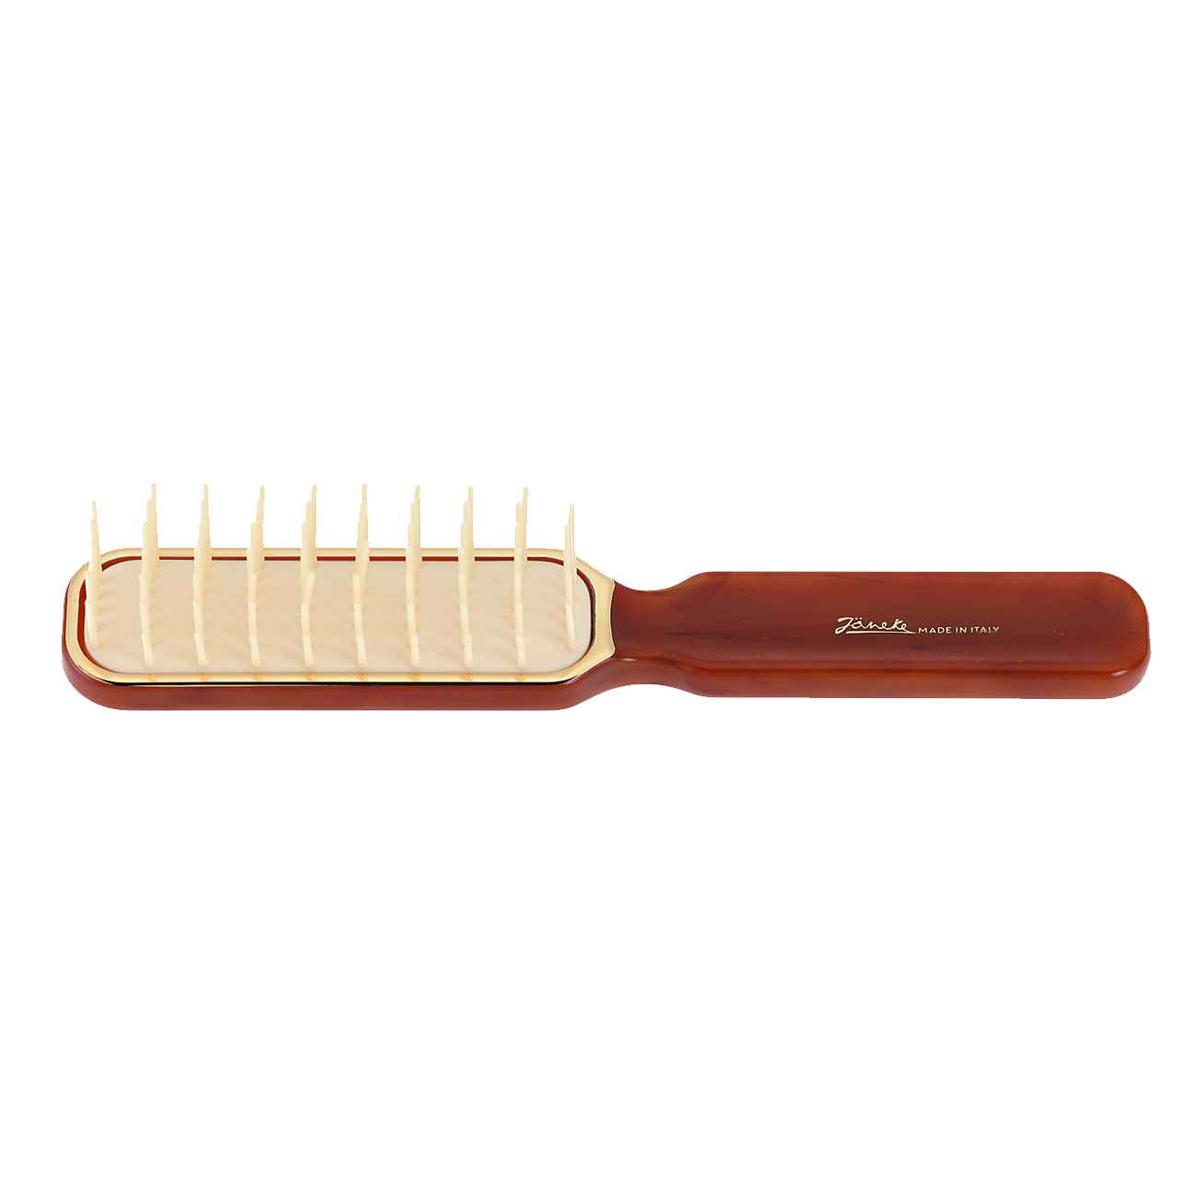 Janeke Щетка массажная, SP06 DBL.Satin Hair 7 BR730MNМарка Janeke – мировой лидер по производству расчесок, щеток, маникюрных принадлежностей, зеркал и косметичек. Марка Janeke, основанная в 1830 году, вот уже почти 180 лет поддерживает непревзойденное качество своей продукции, сочетая новейшие технологии с традициями старых миланских мастеров. Все изделия на 80% производятся вручную, а инновационные технологии и современные материалы делают продукцию марки поистине уникальной. Стильный и эргономичный дизайн, яркие цветовые решения – все это приносит истинное удовольствие от использования аксессуаров Janeke. Пластиковая линия из высококачественного сырья, большое разнообразие моделей и цветов, кончик расчески специально закруглен, чтобы предотвратить разрыв волоса